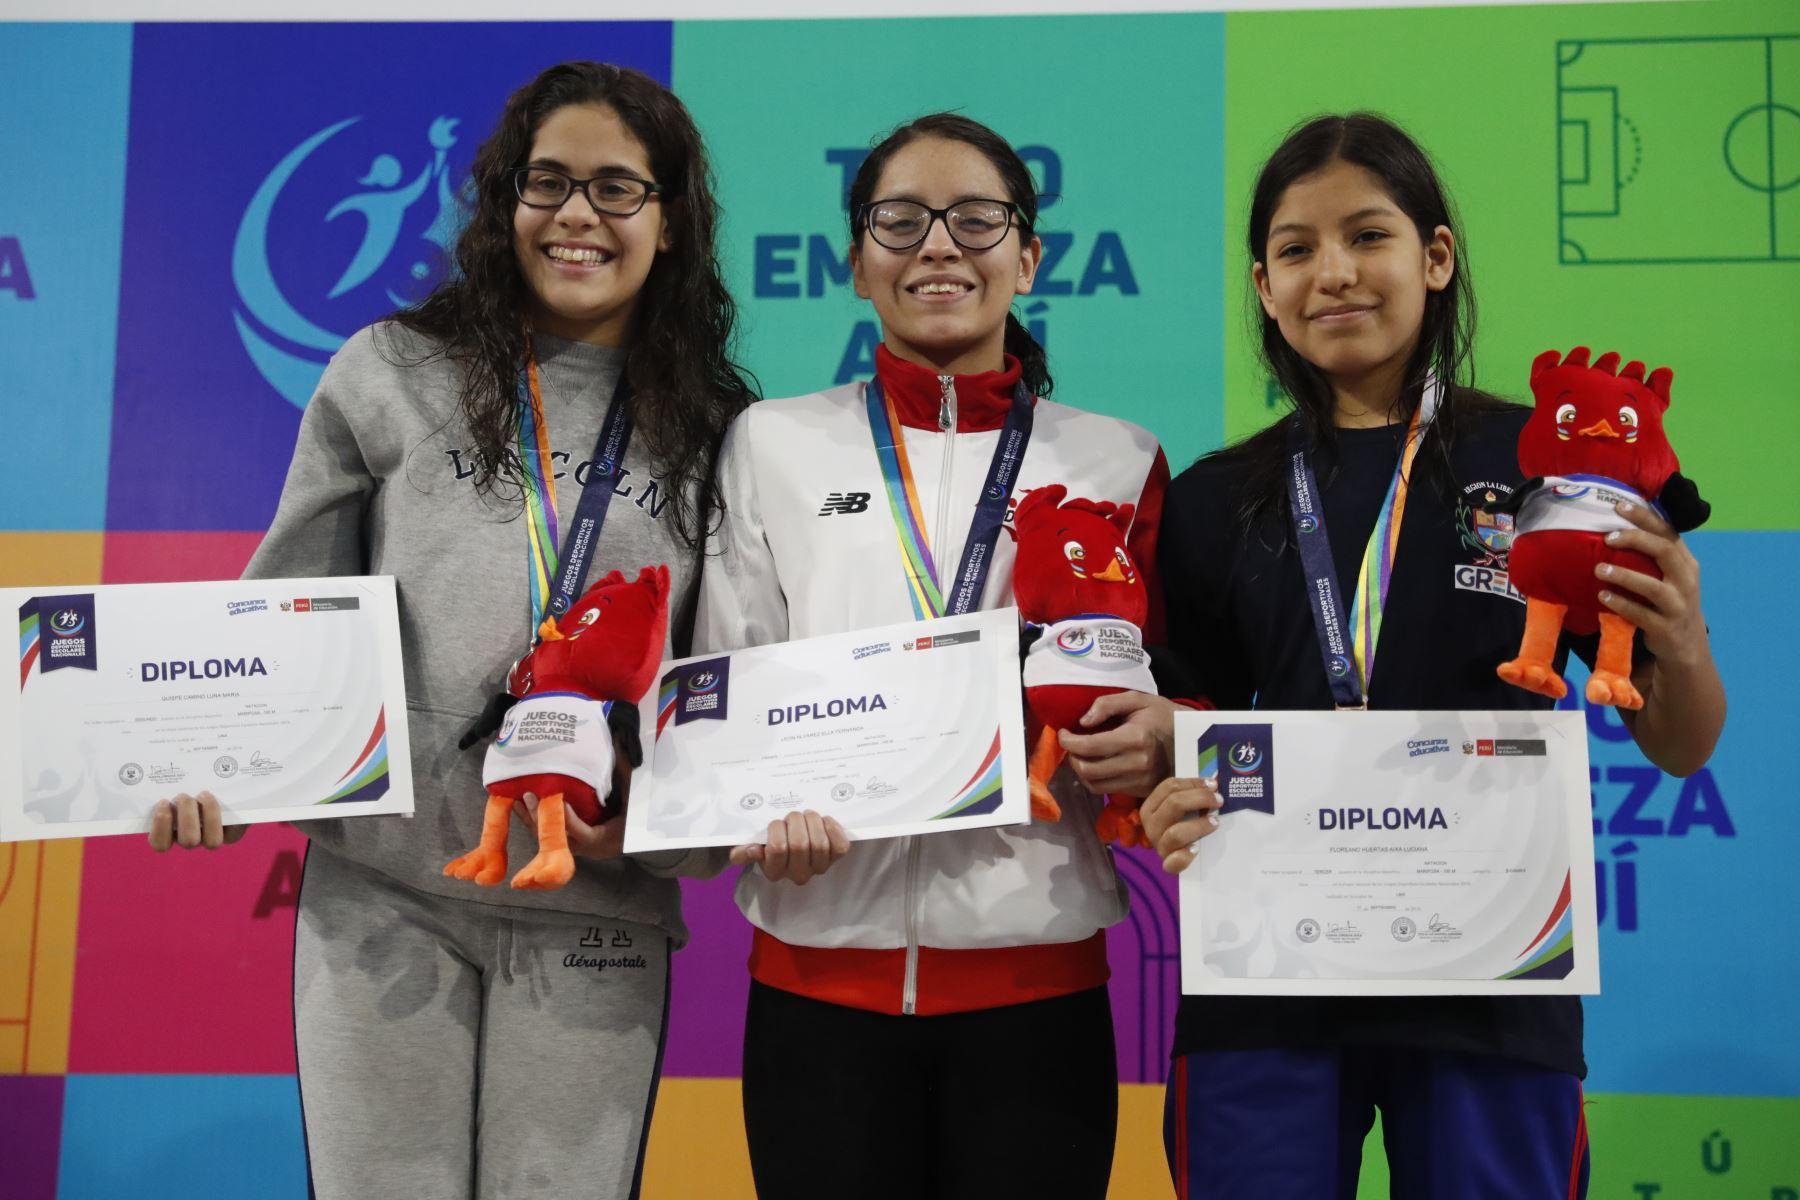 Fernanda León gana la medalla de oro estilo mariposa 100m. por  los Juegos Deportivos Escolares Nacionales en el Centro Acuático de la Videna.Foto: ANDINA/ Carlos Lezama